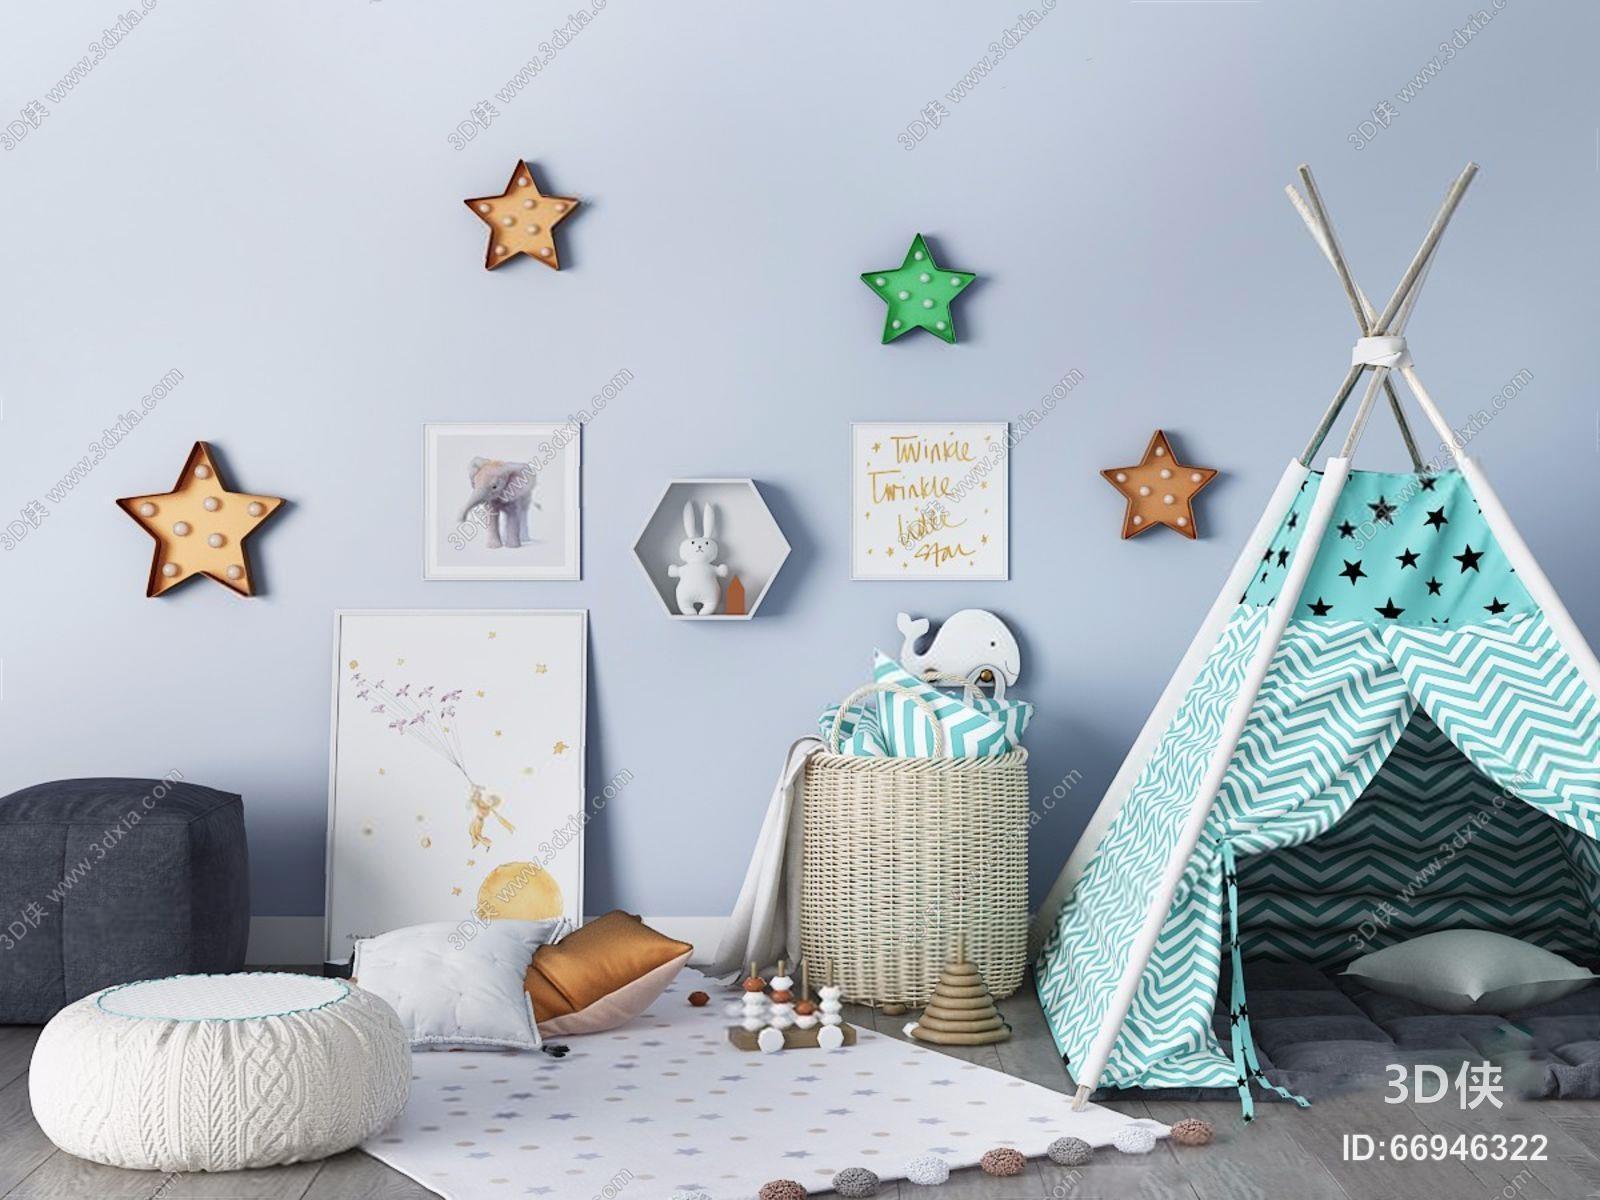 效果图素材免费下载,本作品主题是北欧儿童帐篷 北欧儿童帐篷 玩具 墙